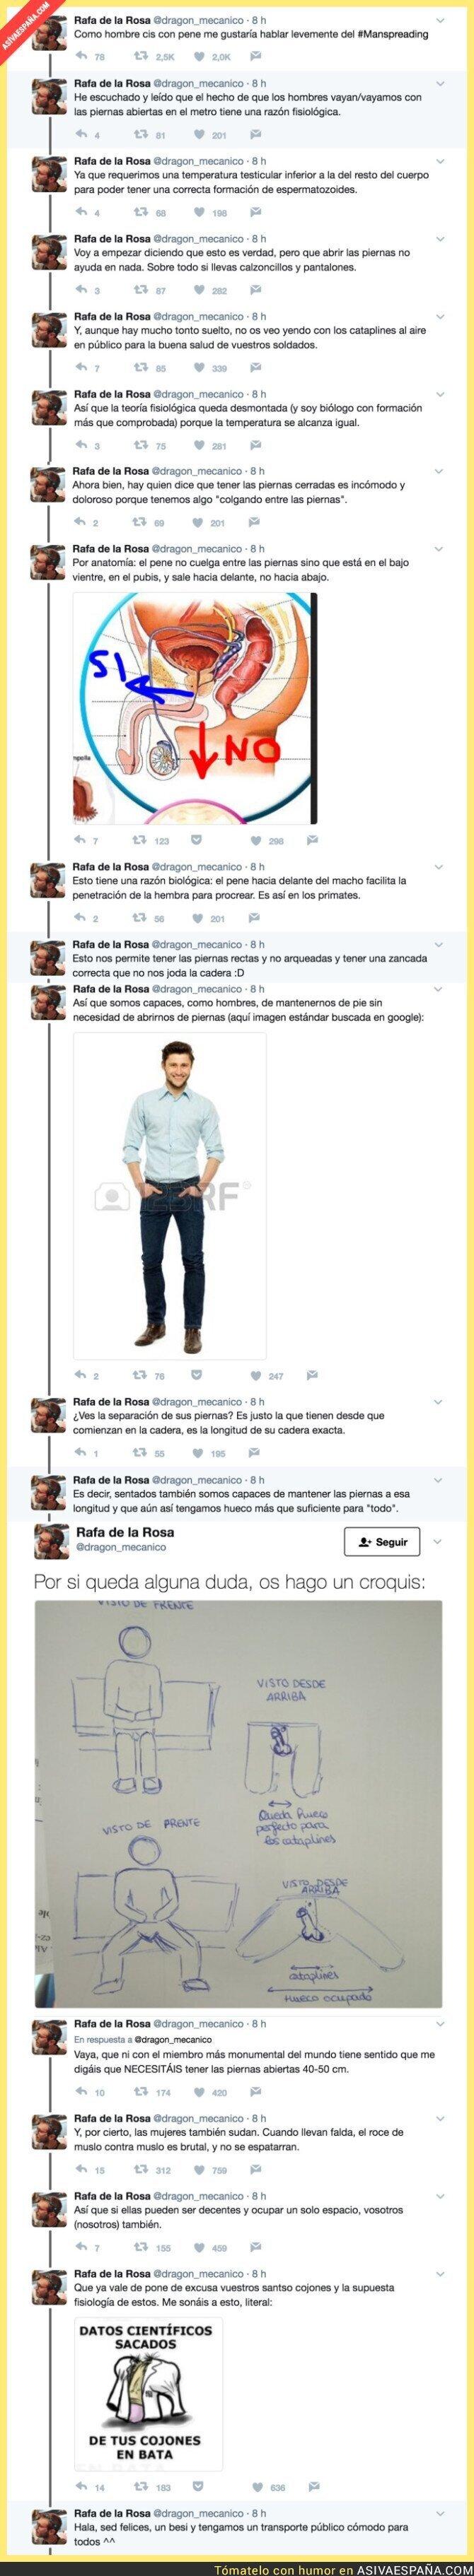 69447 - La mejor forma de explicar el 'manspreading' o 'espatarre masculino' que ha revolucionado Twitter